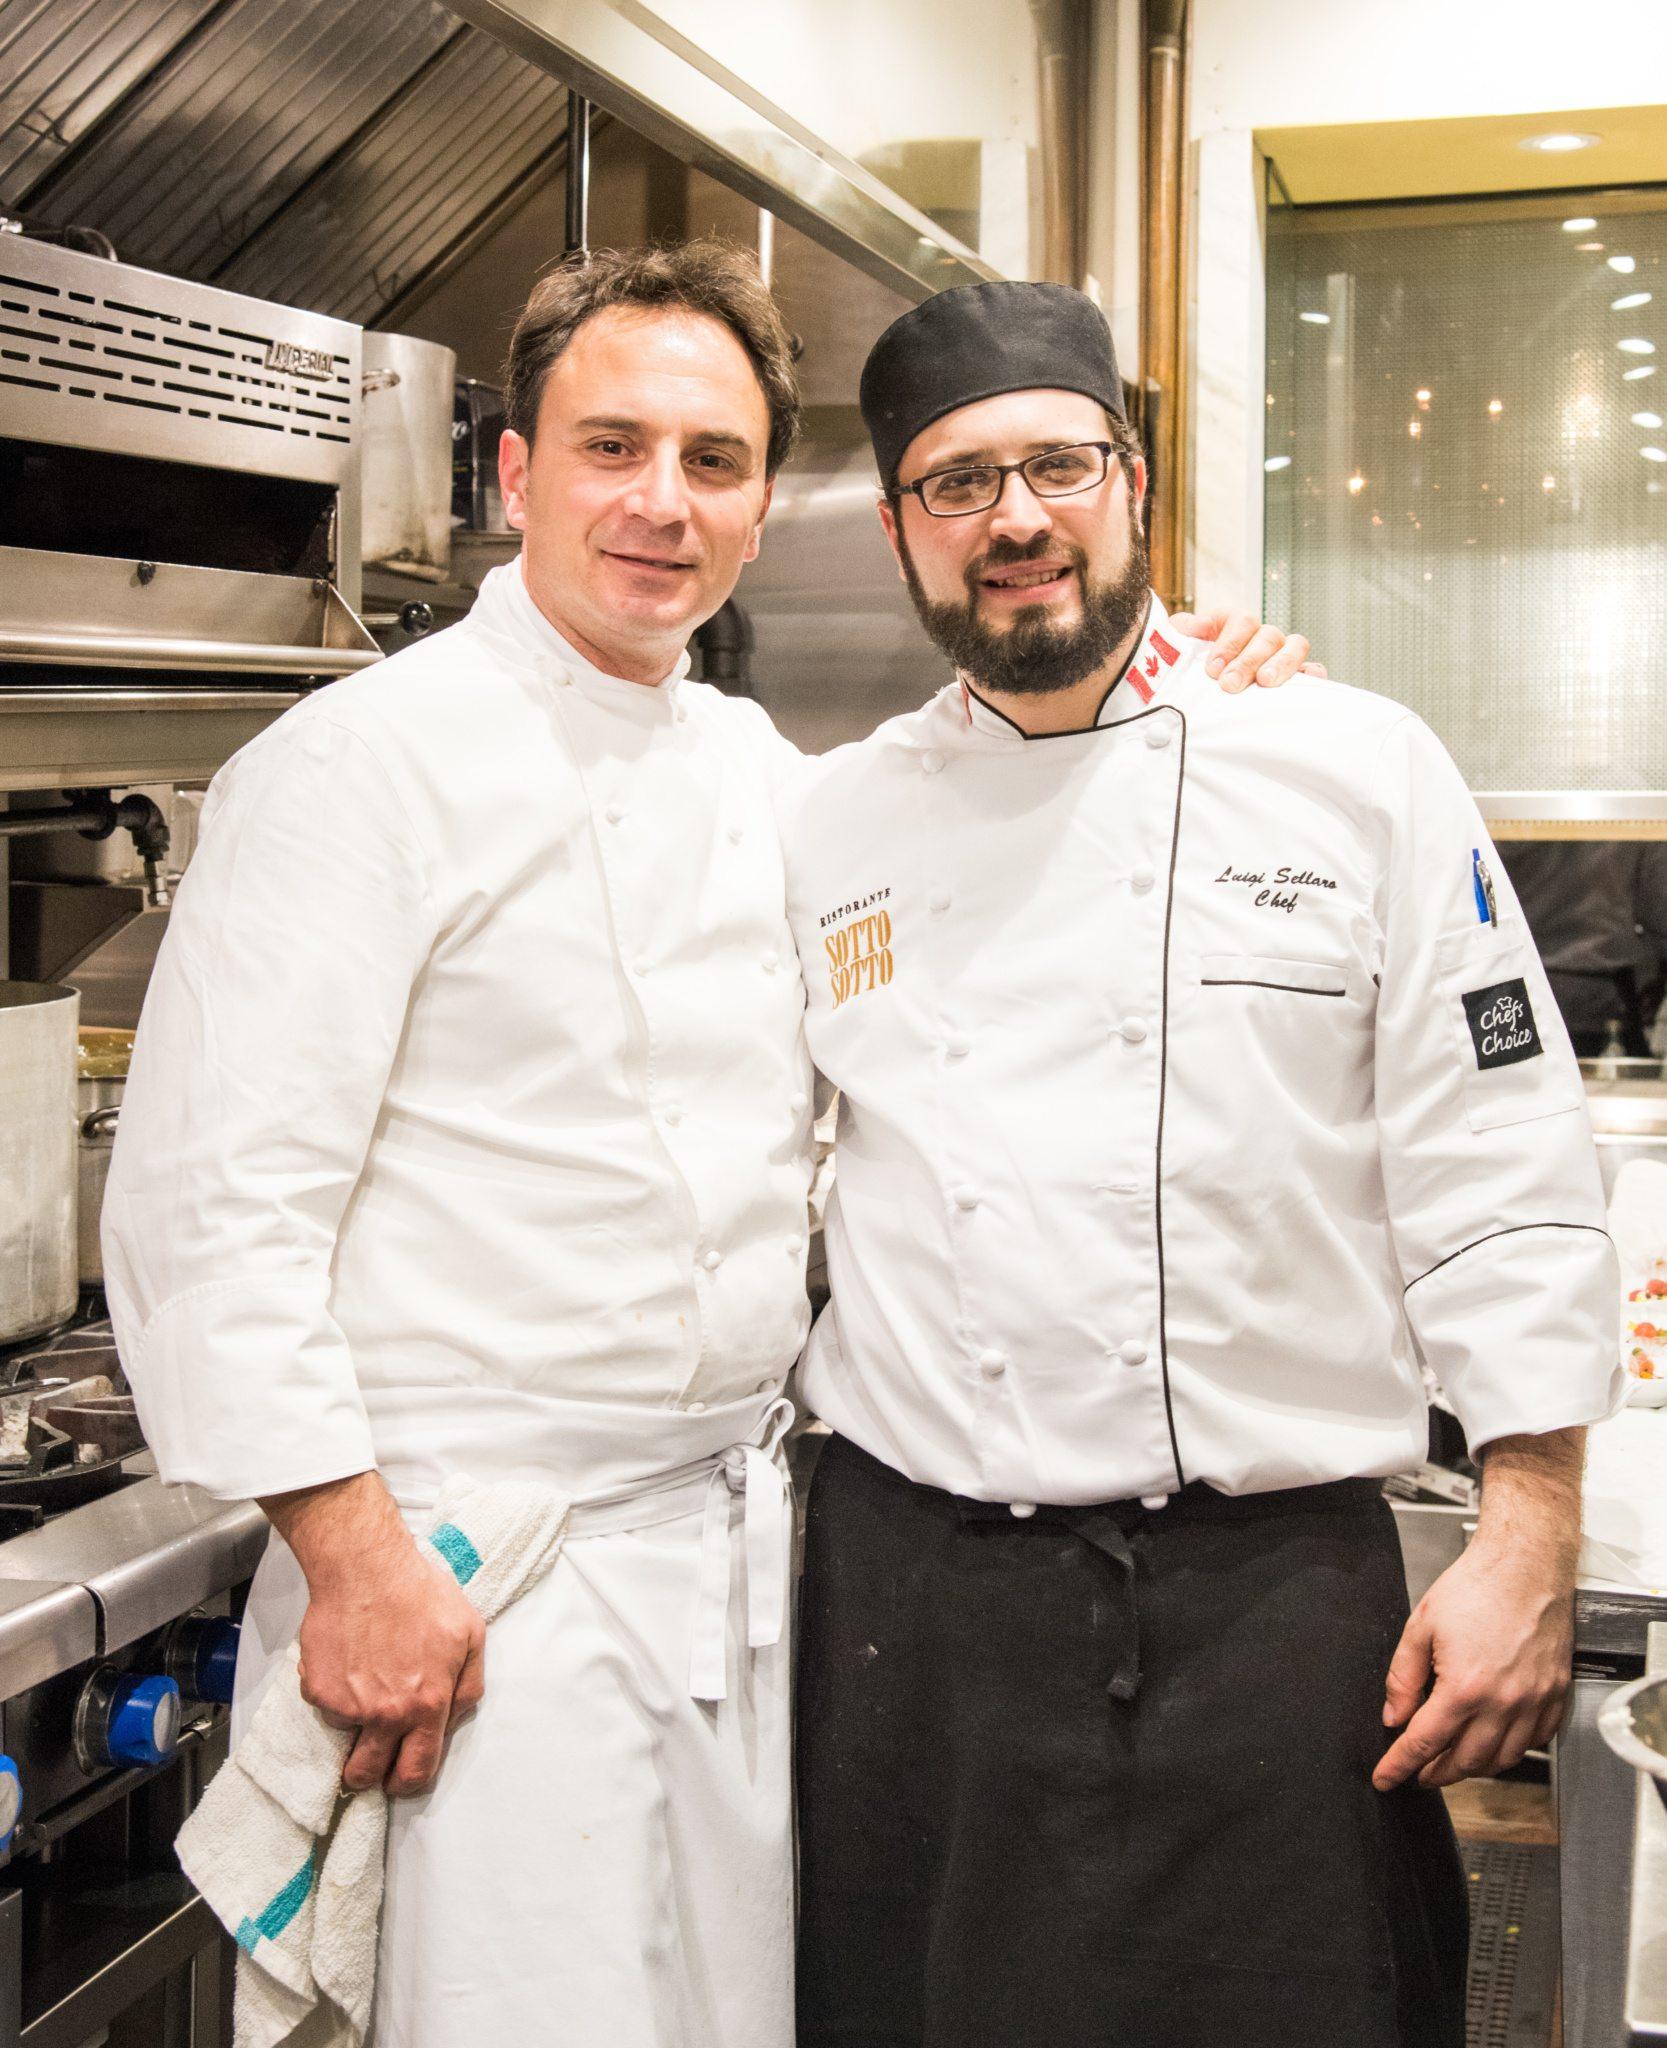 toronto-restaurants-events-sotto-sotto-italian-nino-di-costanzo-chefs